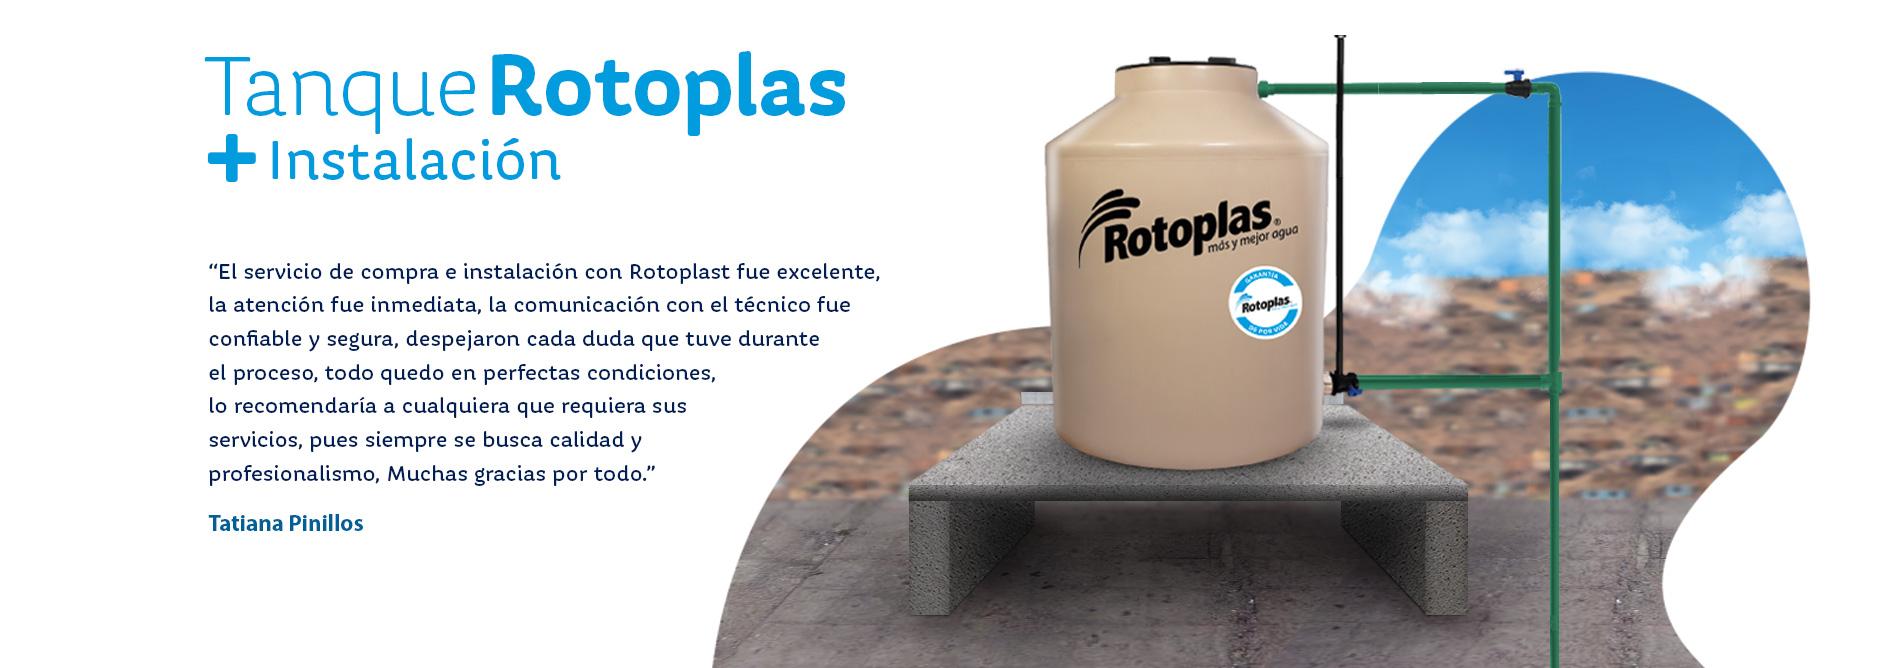 rotoplas 3